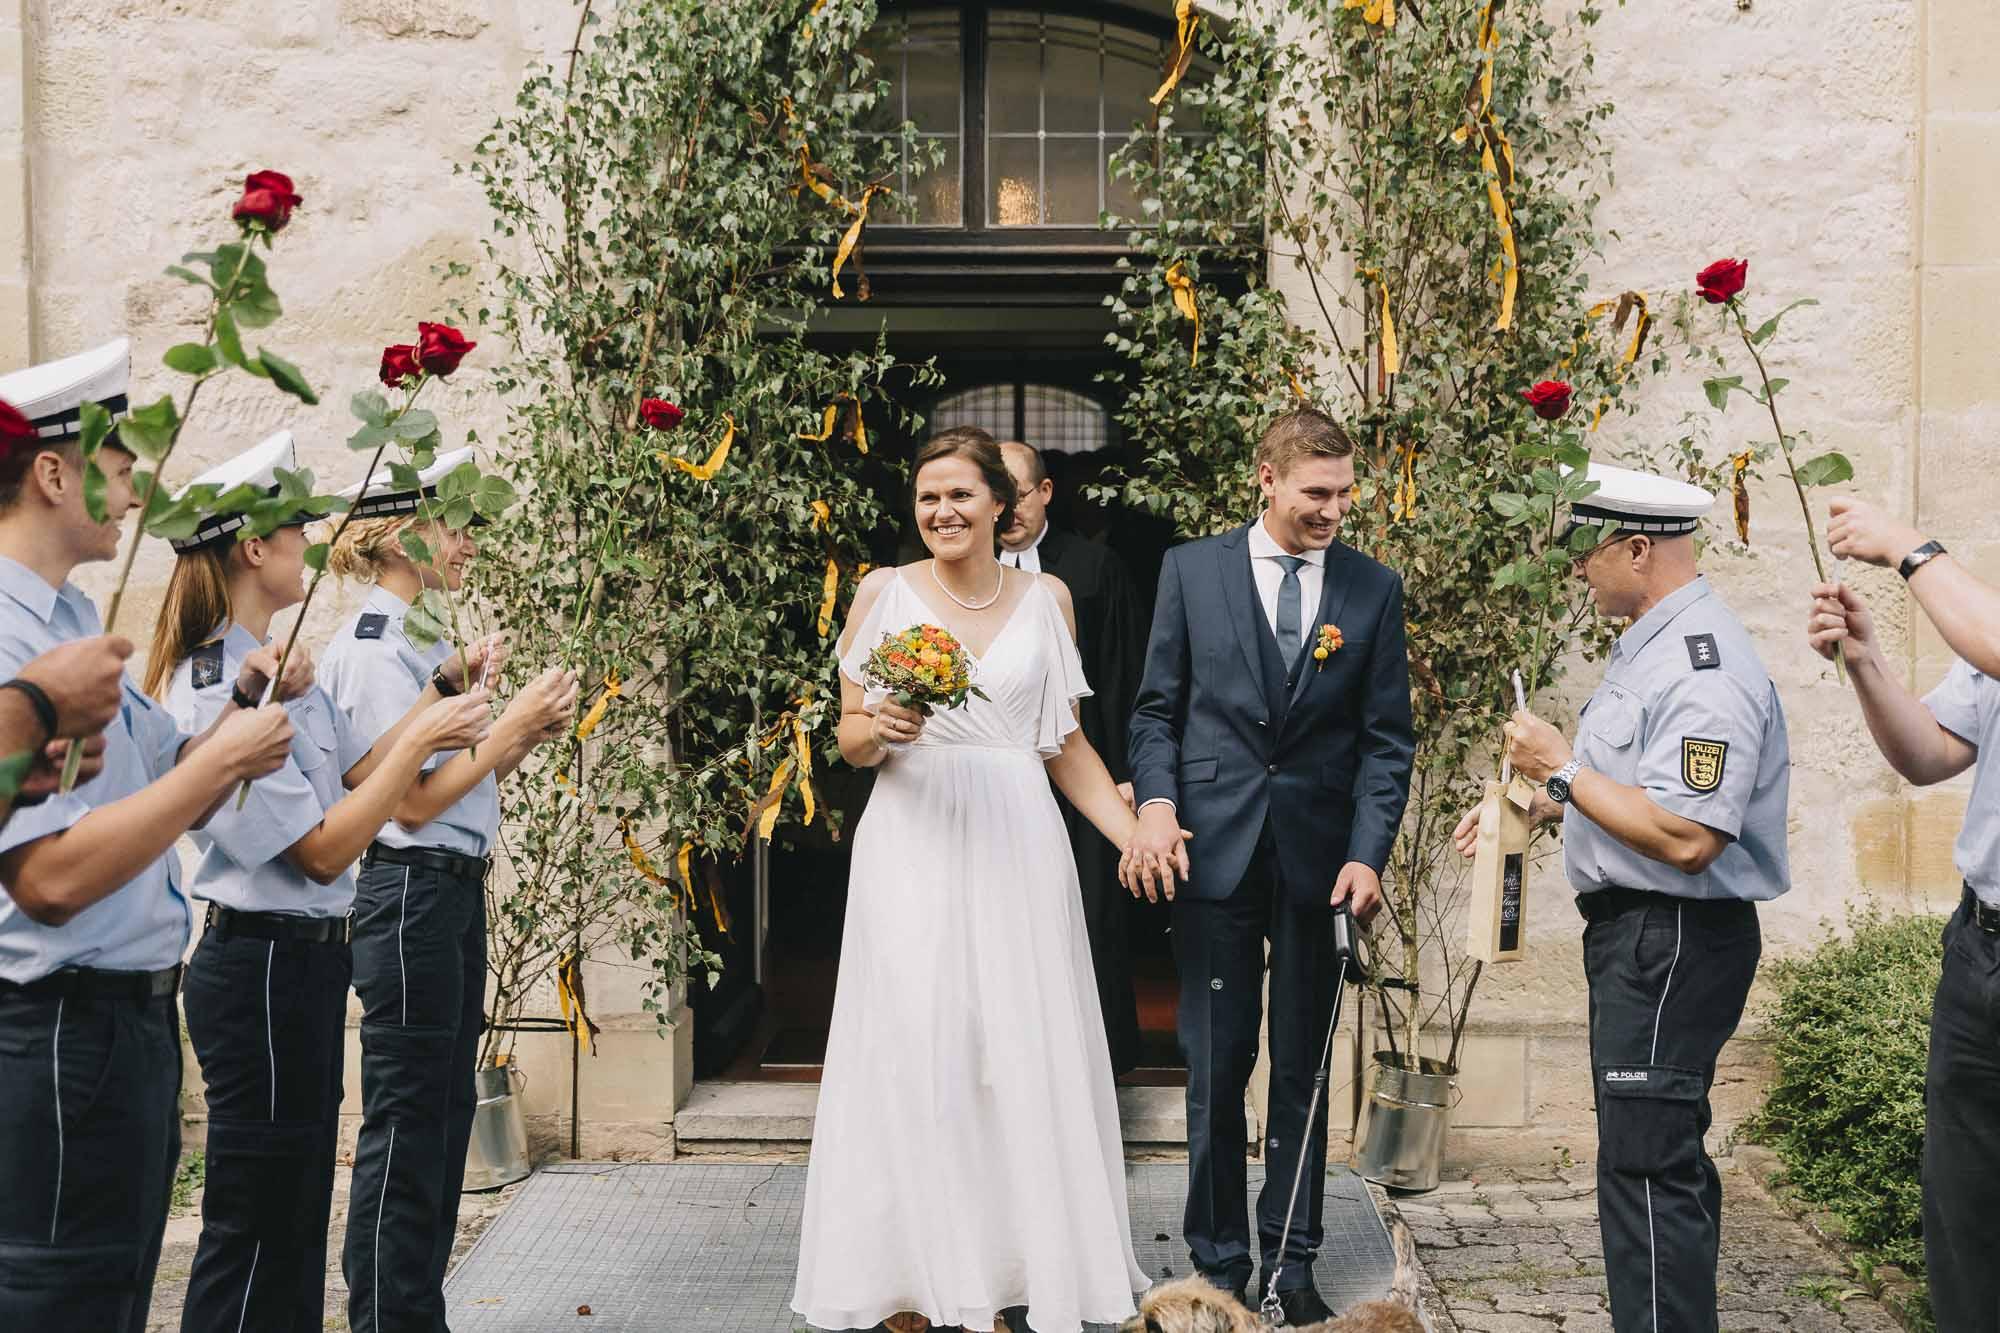 Hochzeitsreportage-Crailsheim-Krystina-Stefan-51